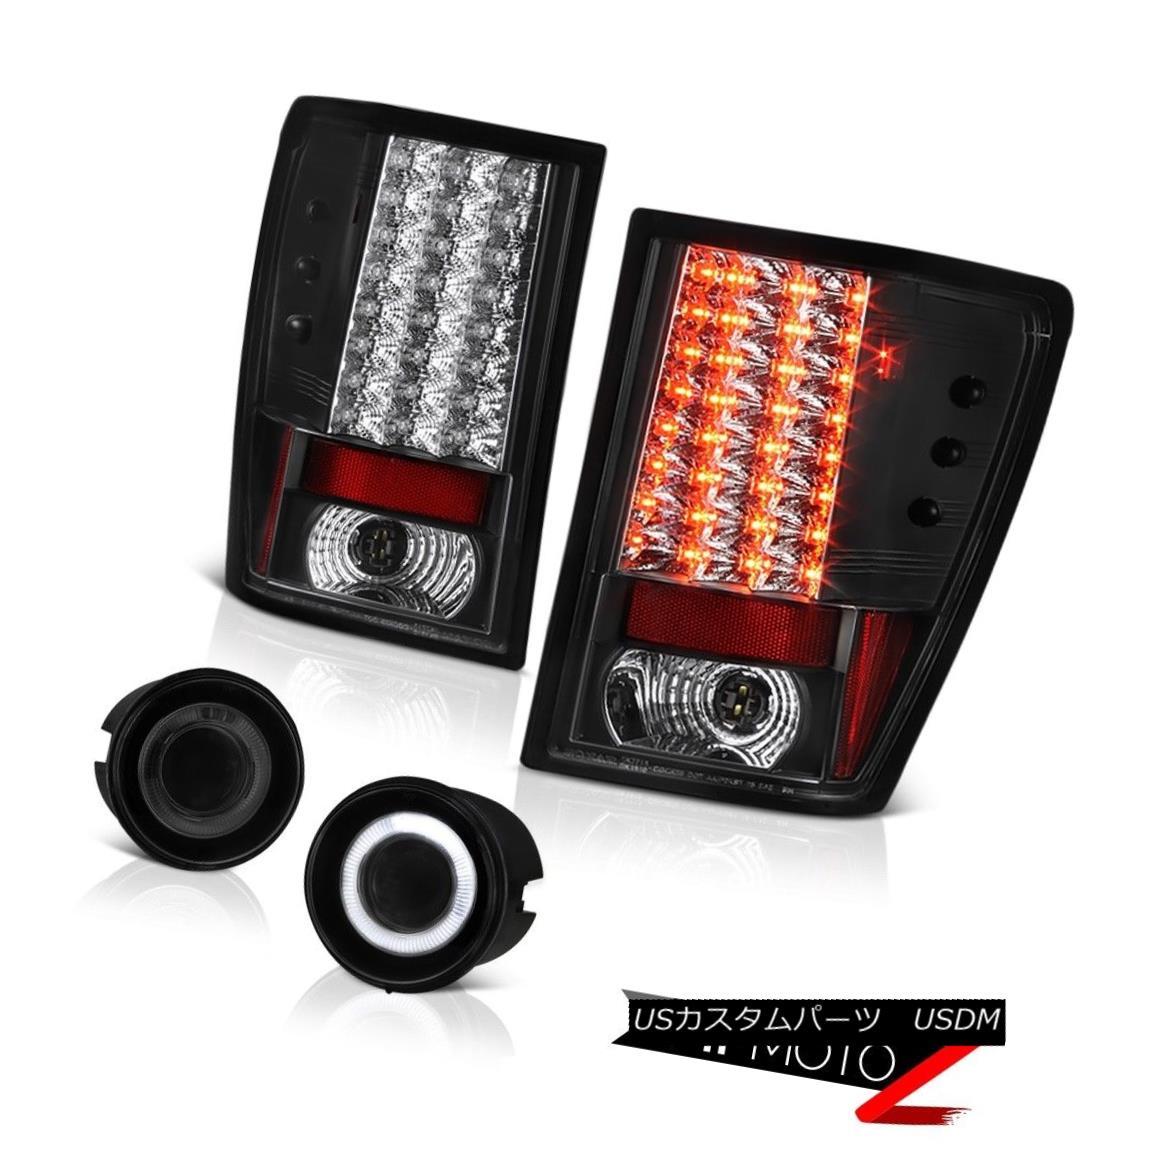 車用品 流行のアイテム バイク用品 >> パーツ 営業 ライト ランプ テールライト 2007-2010 Grand Cherokee Lights Smoke Dark 2007年?2010年グランドチェロキーWKダークスモークフォグライトインキーブラックタイラースSMD Black Inky Fog SMD Taillamps WK